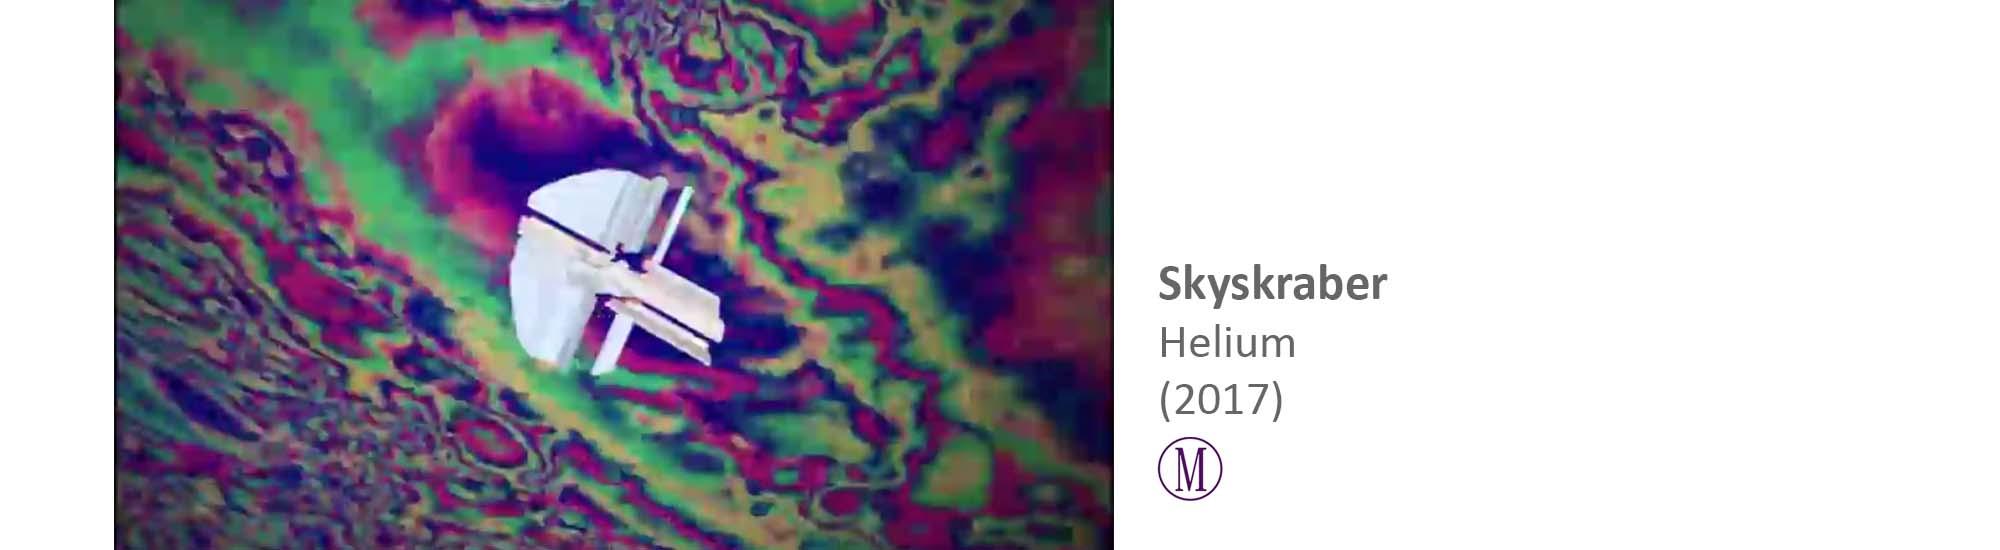 skyskraber helium frederik brandt jakobsen producer mastering master